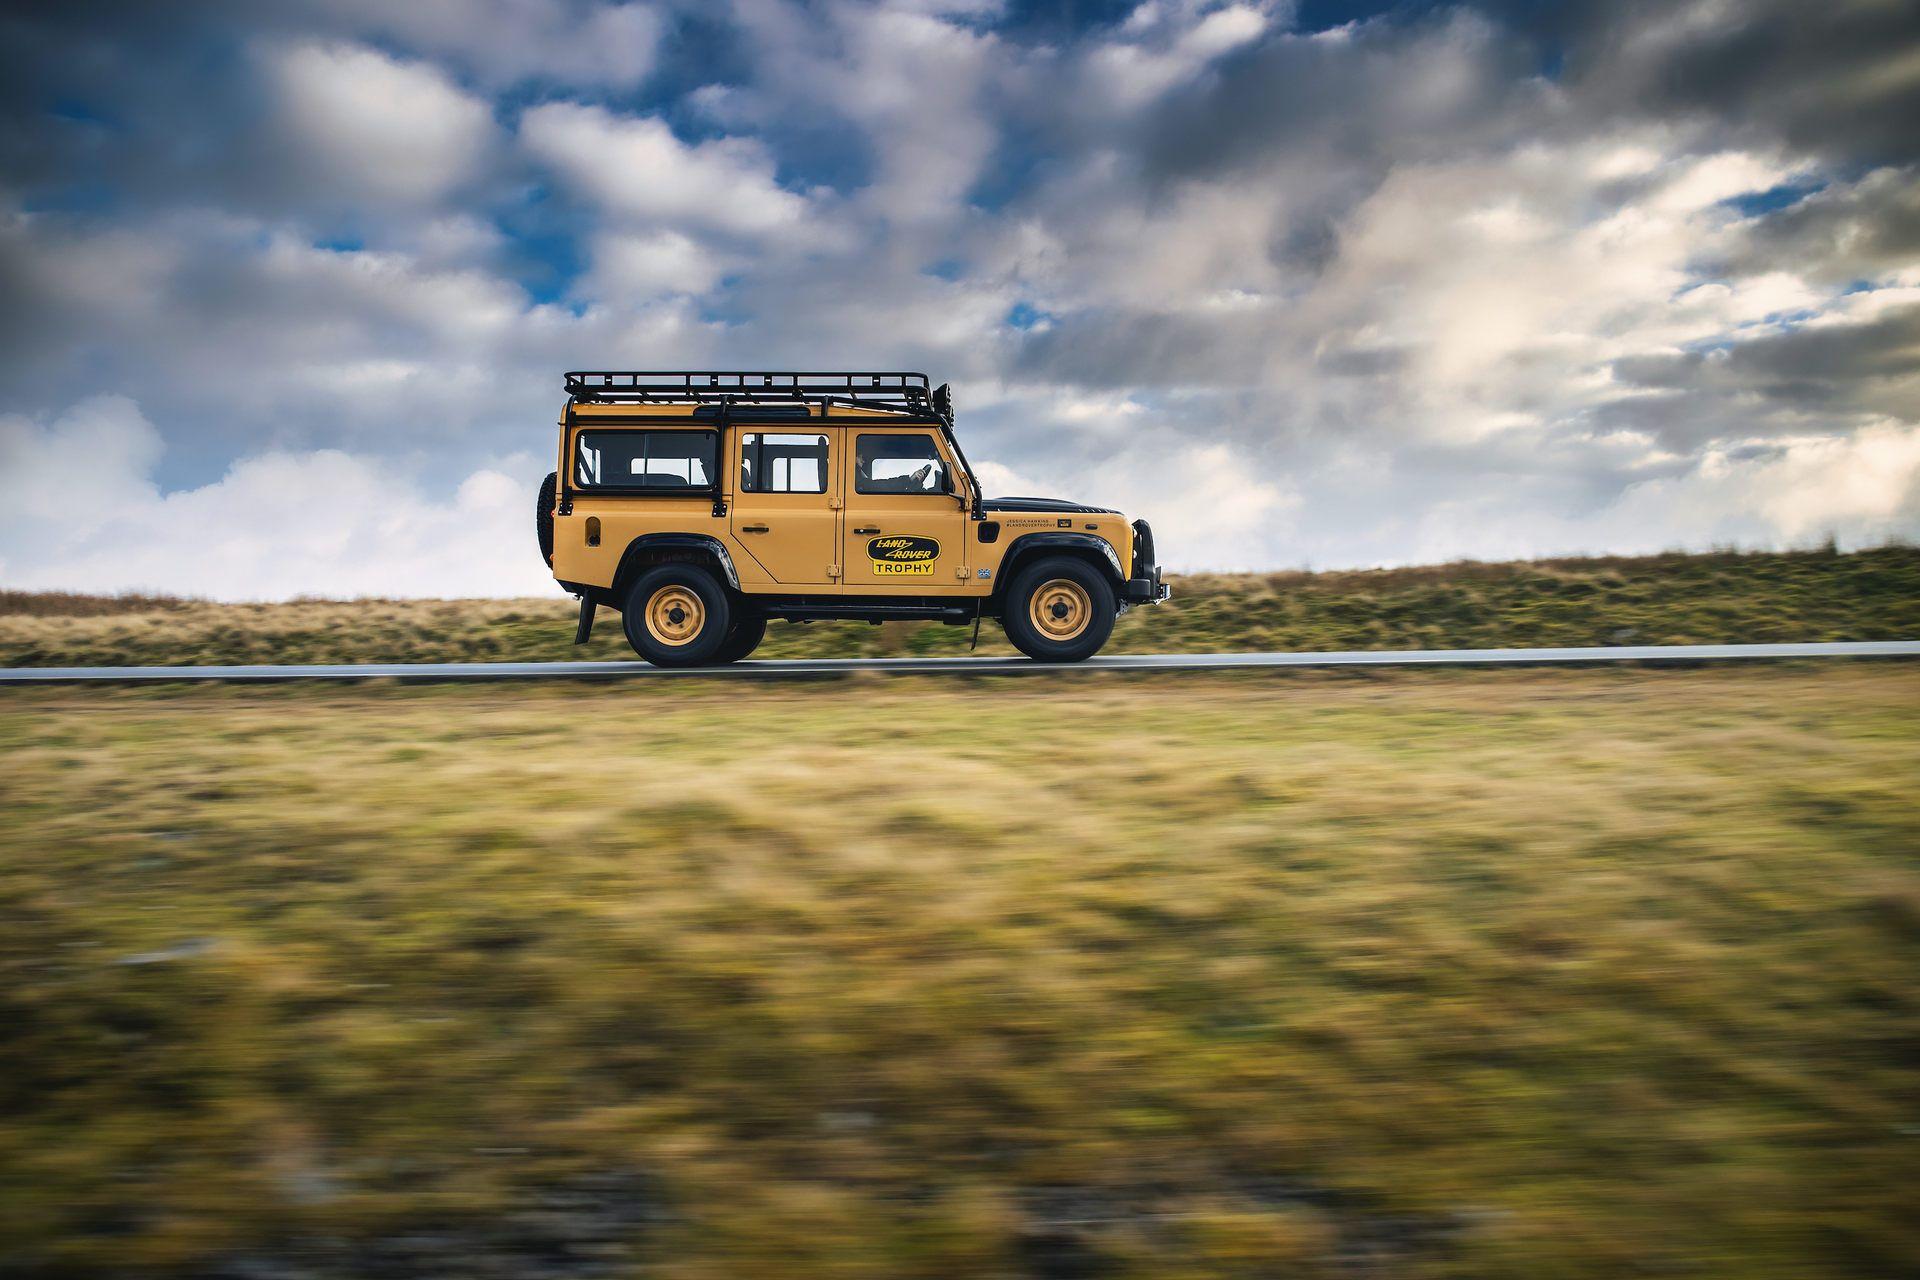 Land-Rover-Defender-Works-V8-Trophy-8